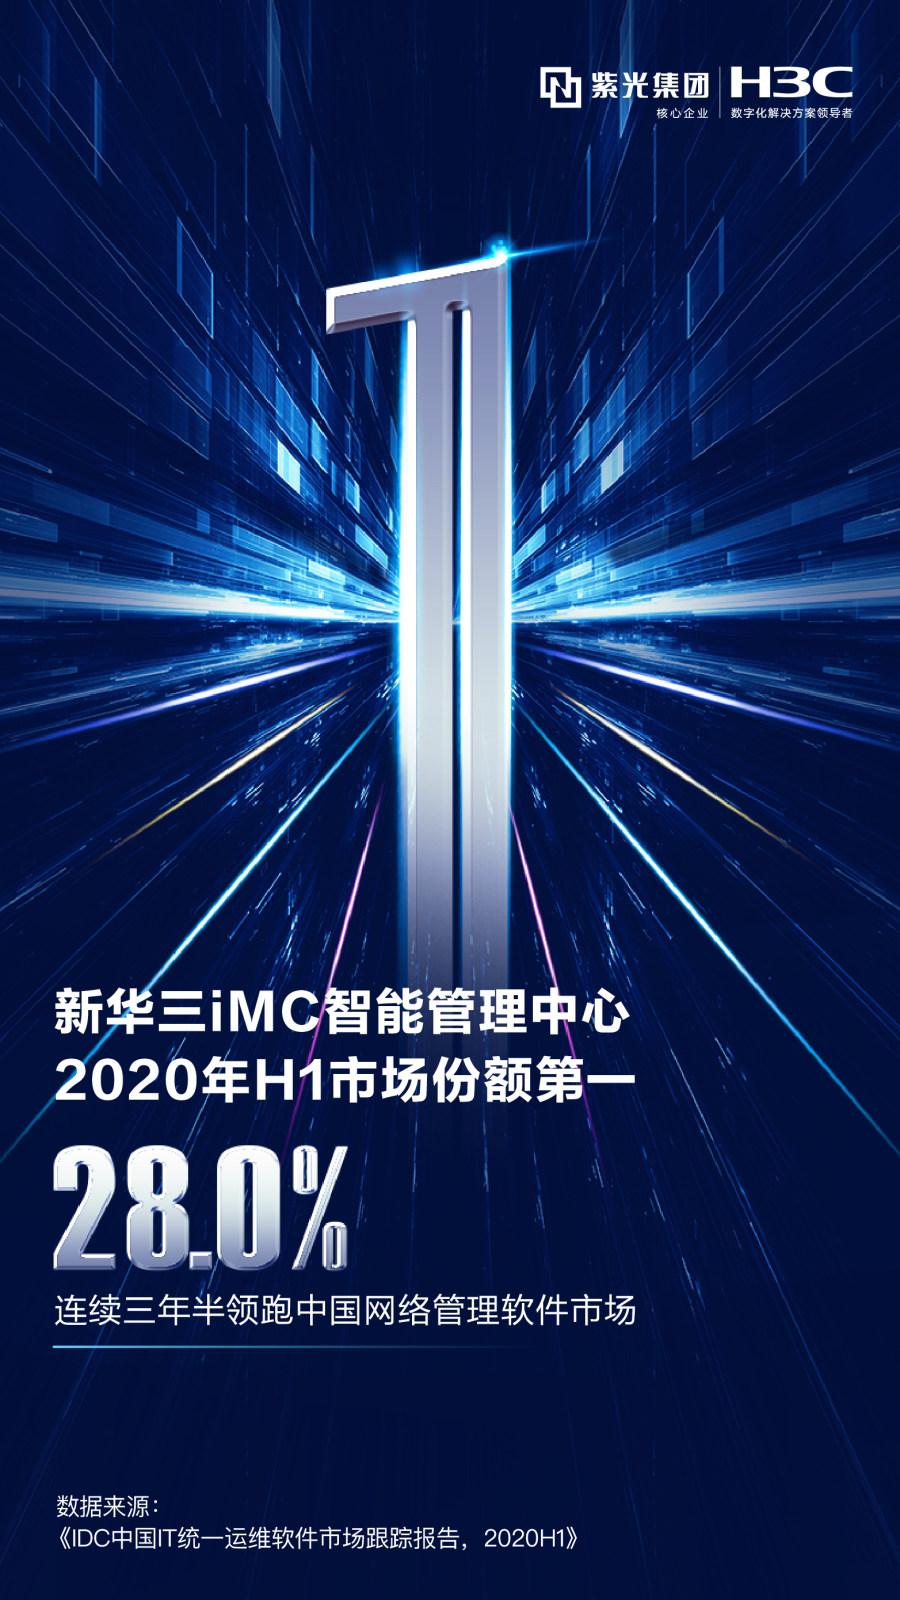 再获第一 紫光股份旗下新华三集团iMC持续领跑中国网络管理软件市场